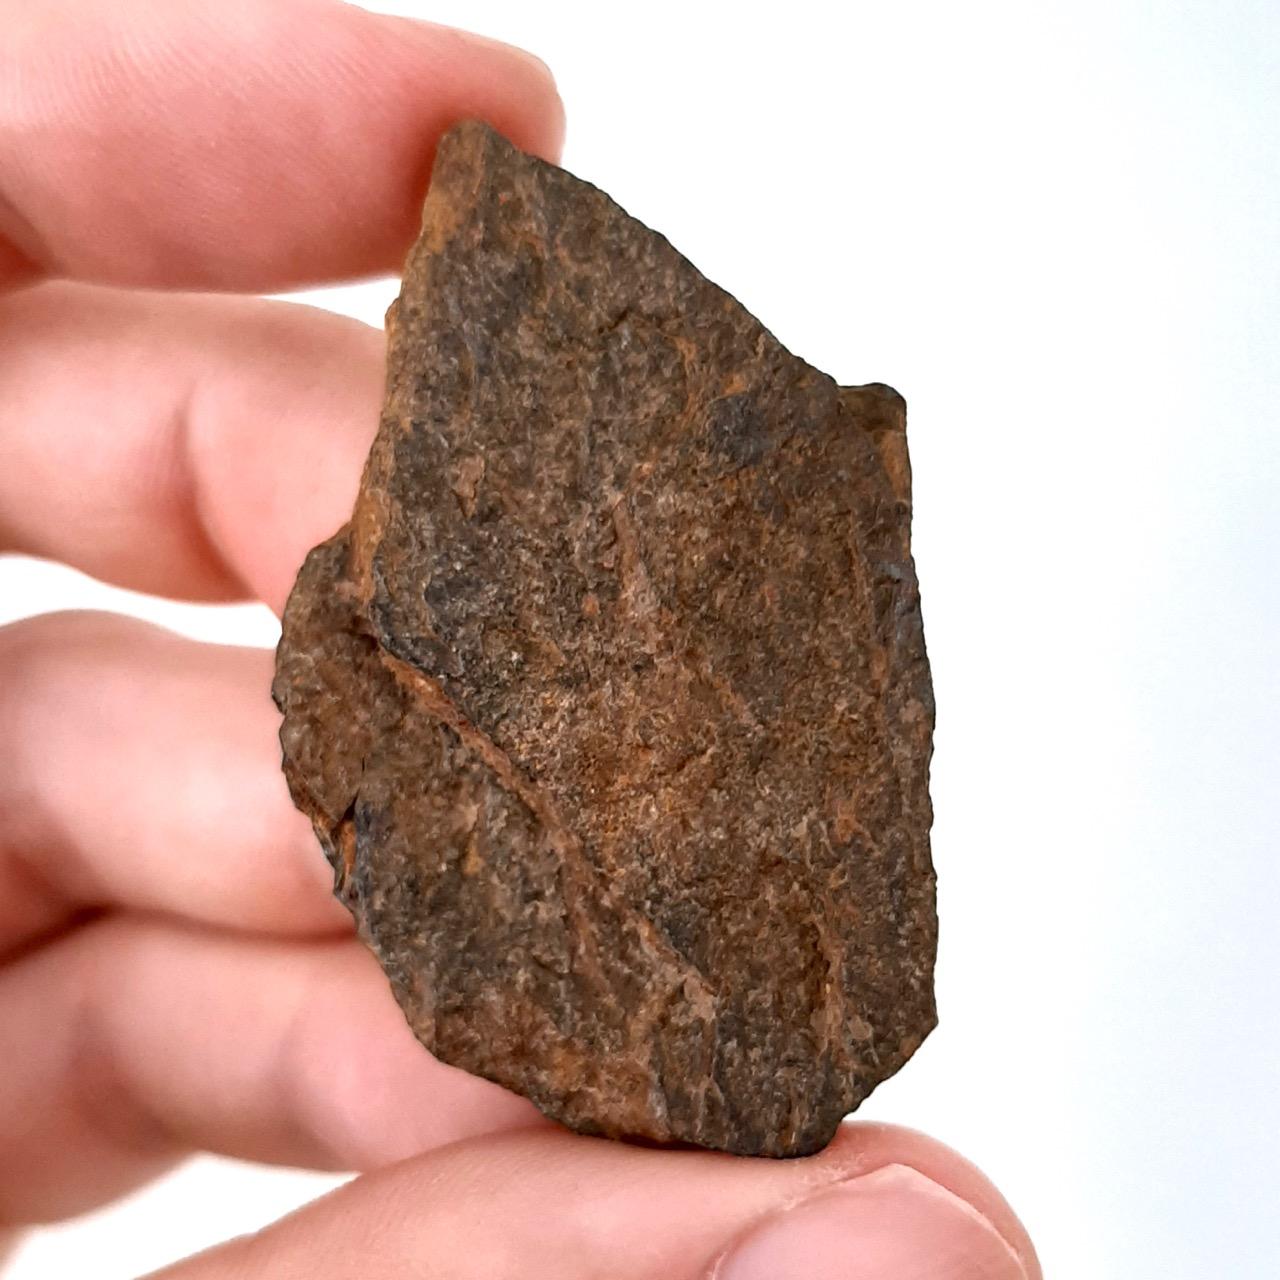 Bendegó meteorite. From burnt museum's mass in Brazil.